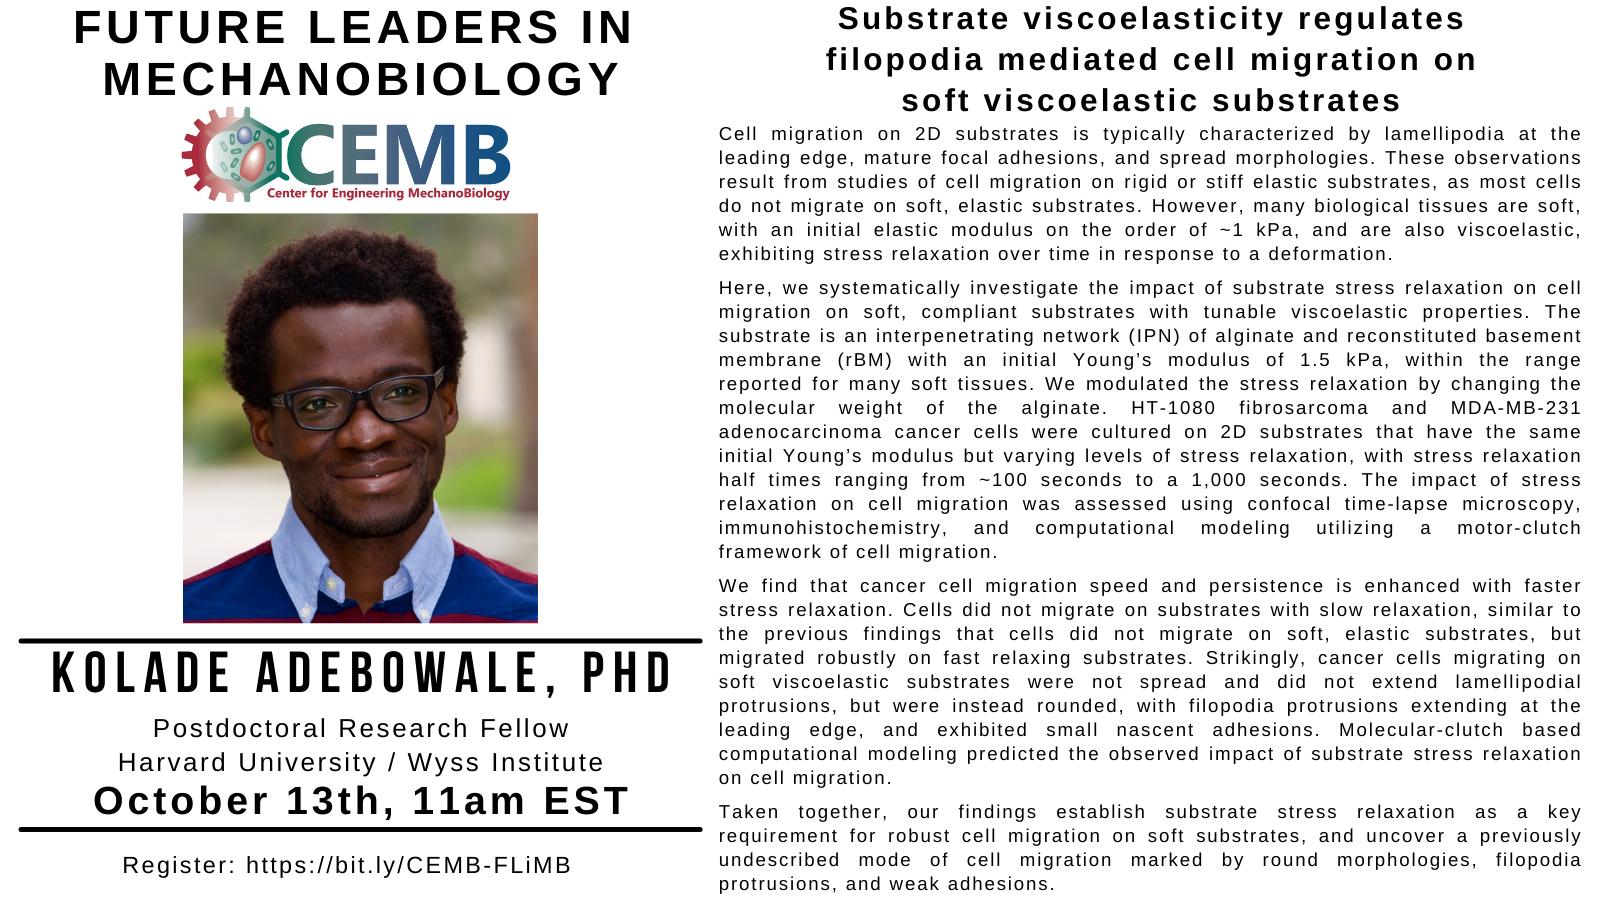 Kolade Adebowale_Future Leaders in Mechanobiology